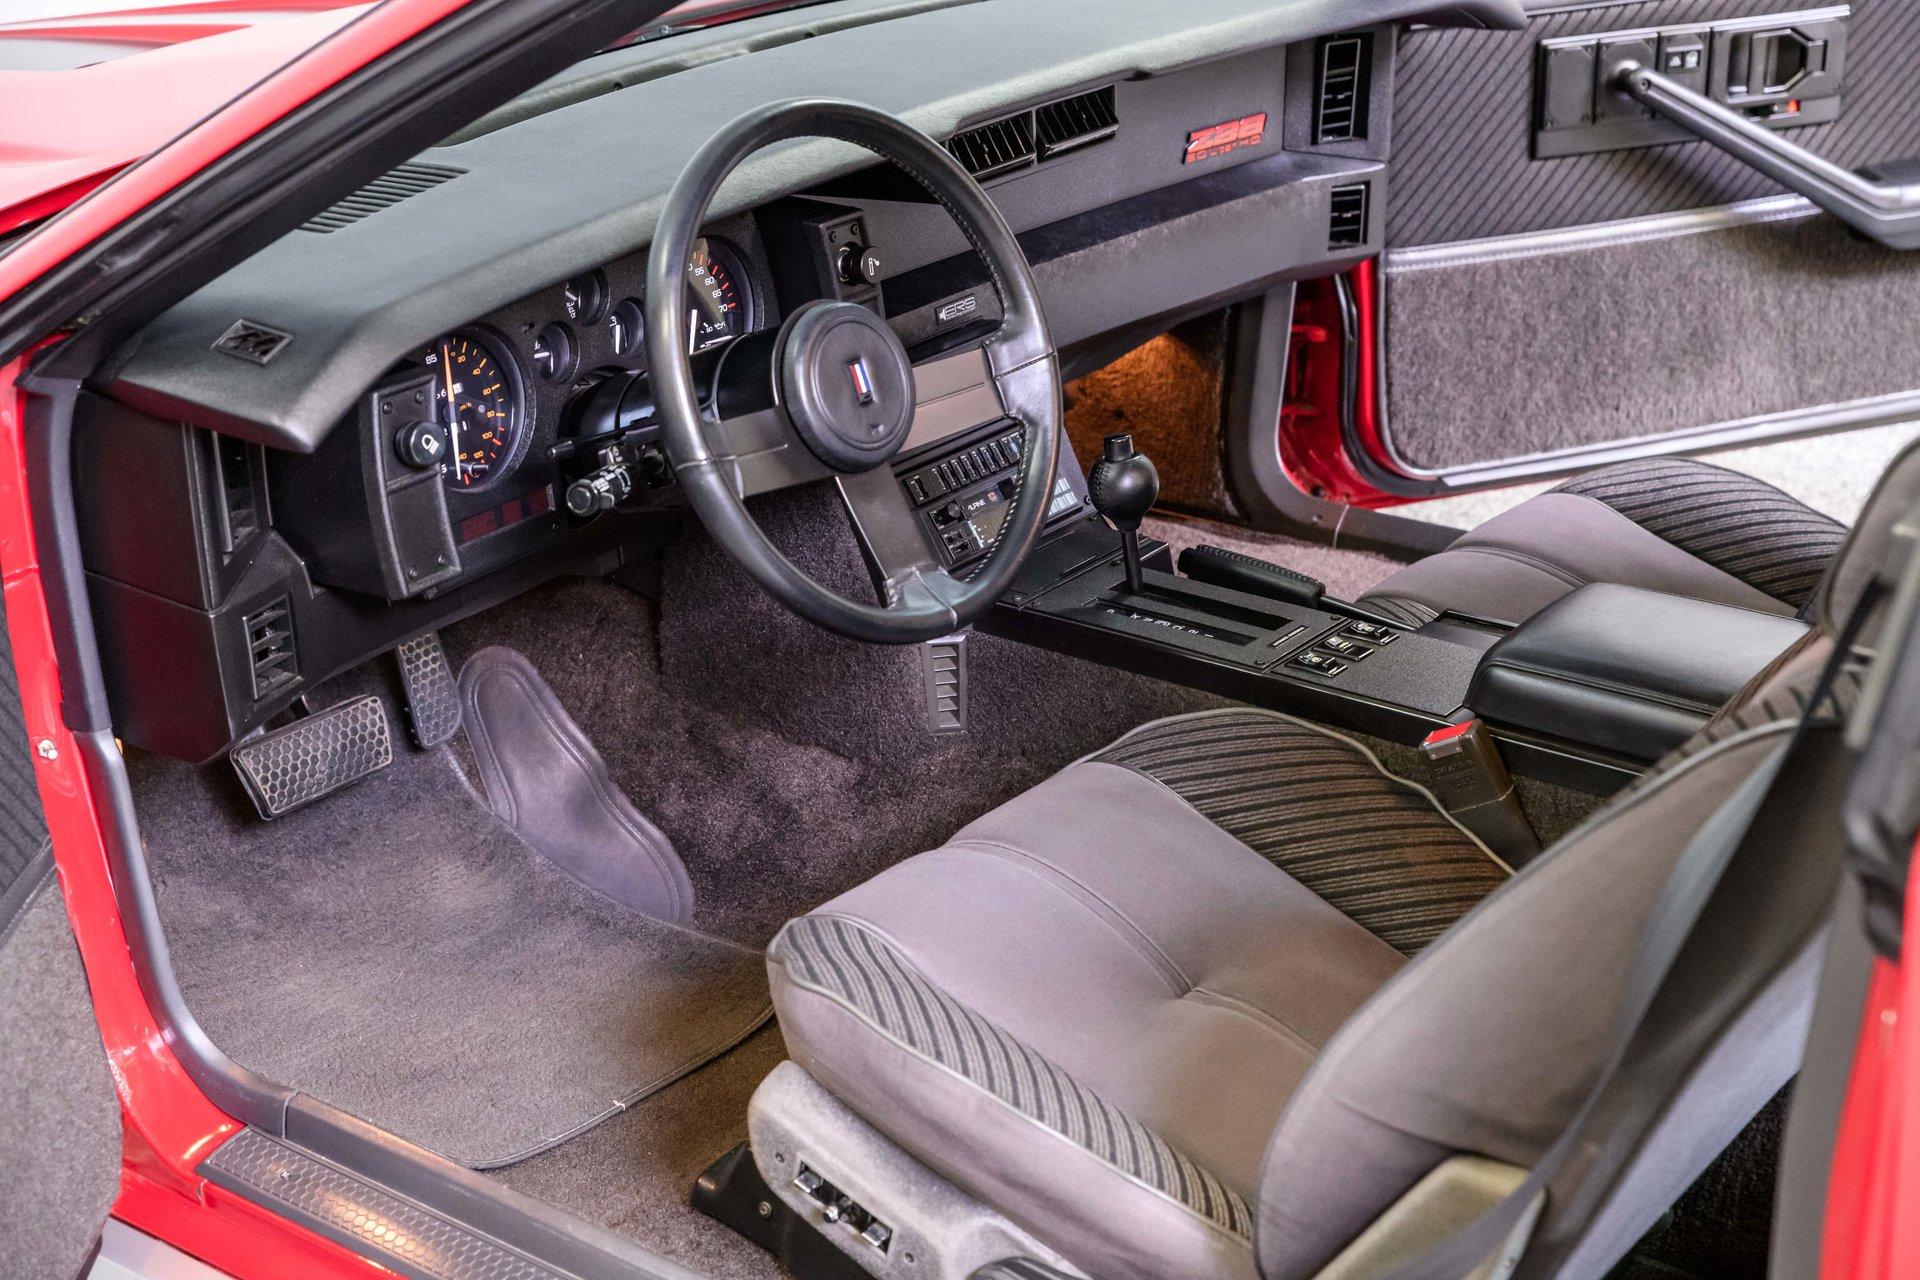 1984 chevrolet camaro z28 auto barn classic cars 1984 chevrolet camaro z28 auto barn